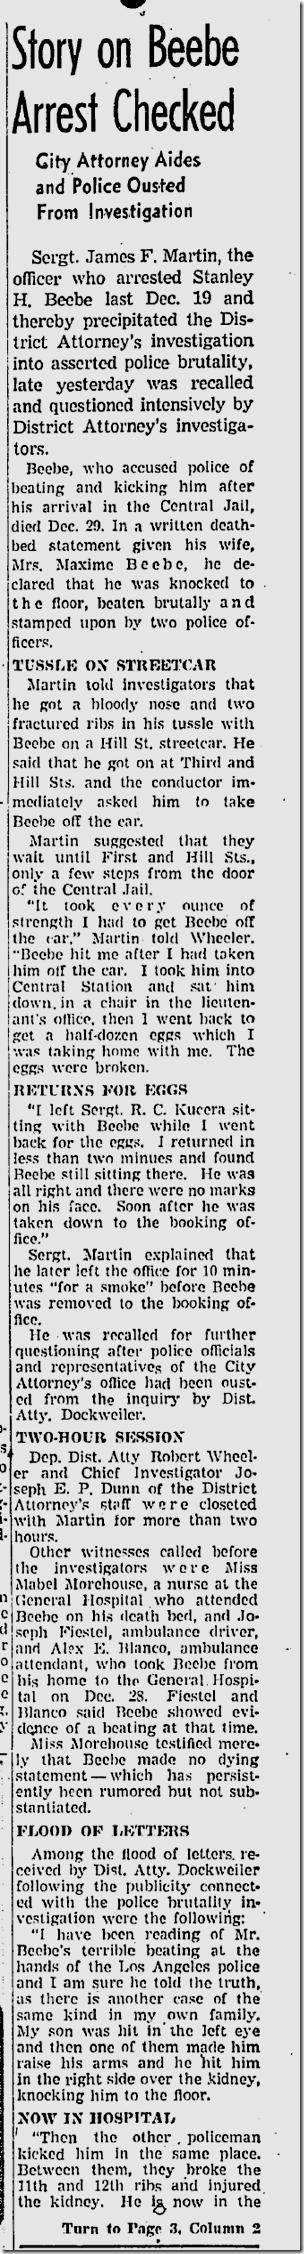 Jan. 17, 1943, Beebe Case